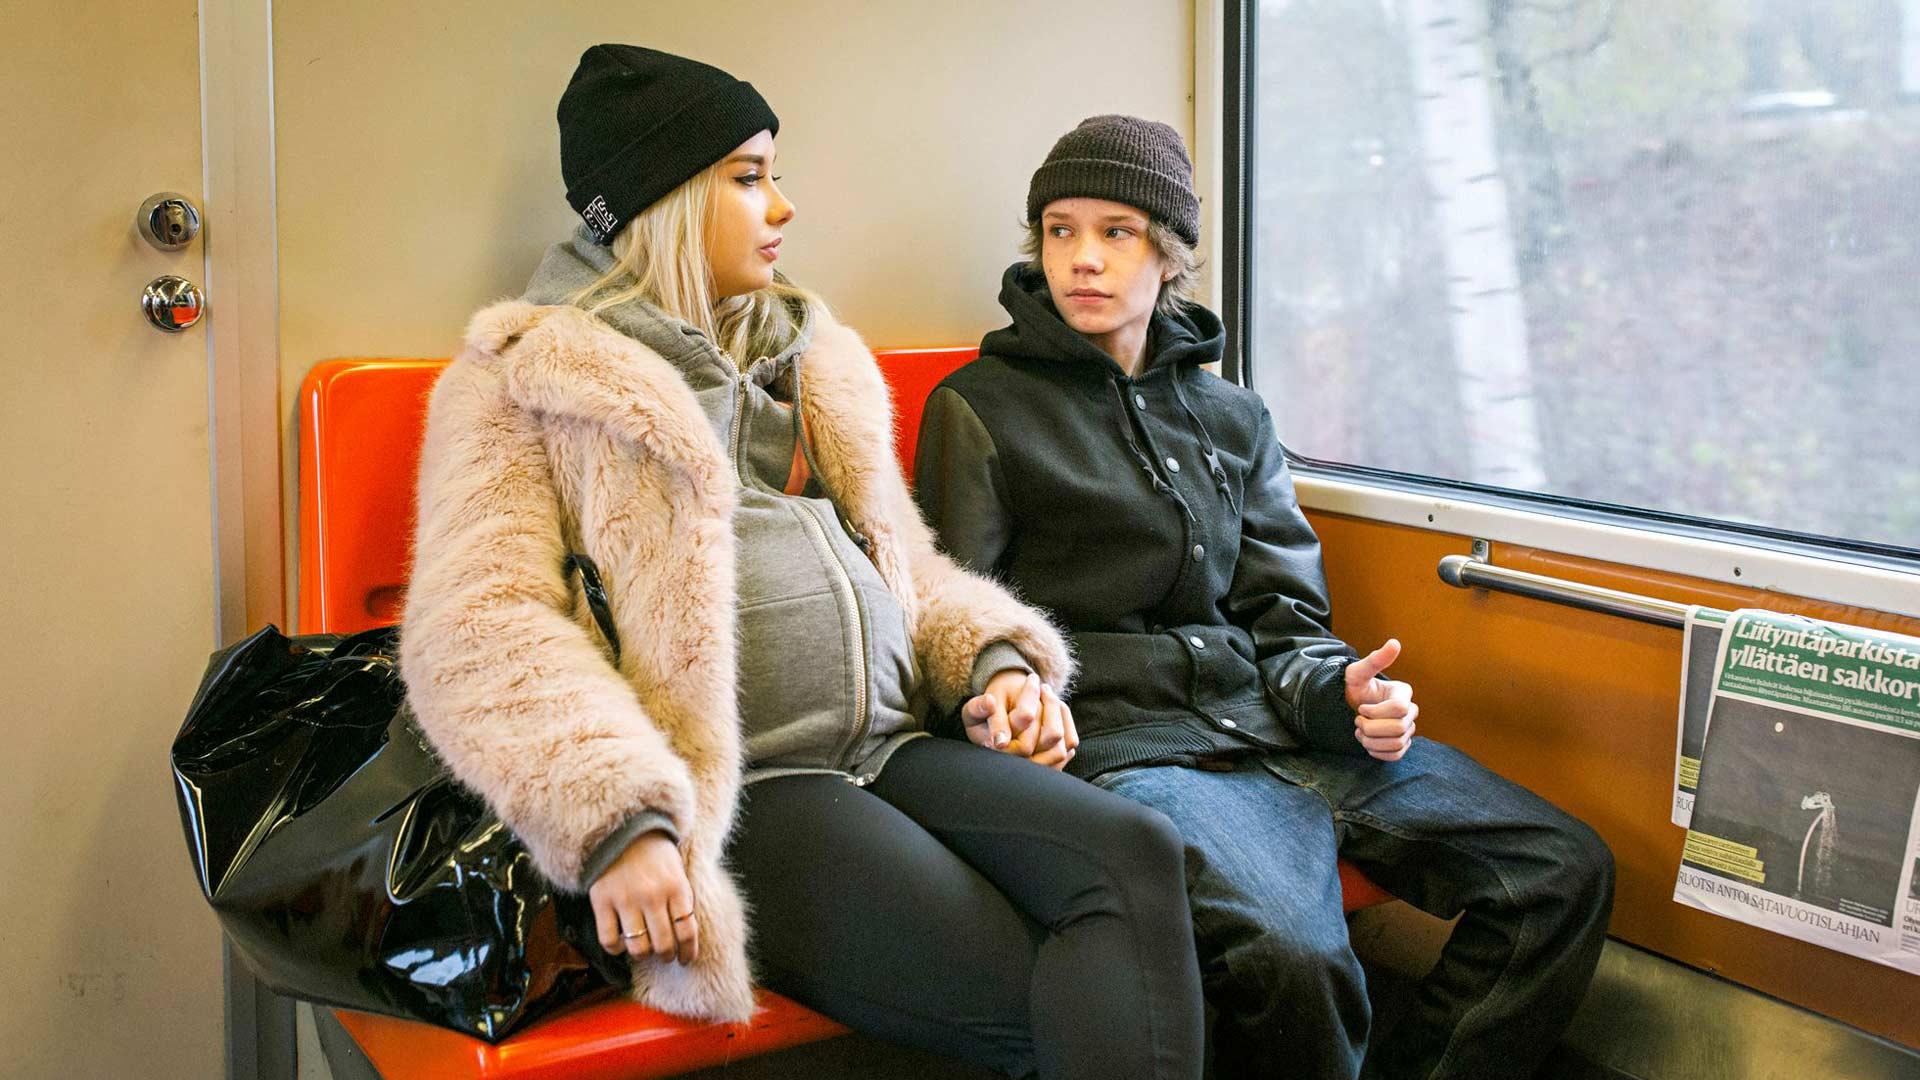 Hölmö nuori sydän, elokuvaa tähdittävät Rosa Honkonen ja Jere Ristseppä ovat hiukan amatöörimäisiä, mutta muuten raikkaita tuoreita kasvoja.